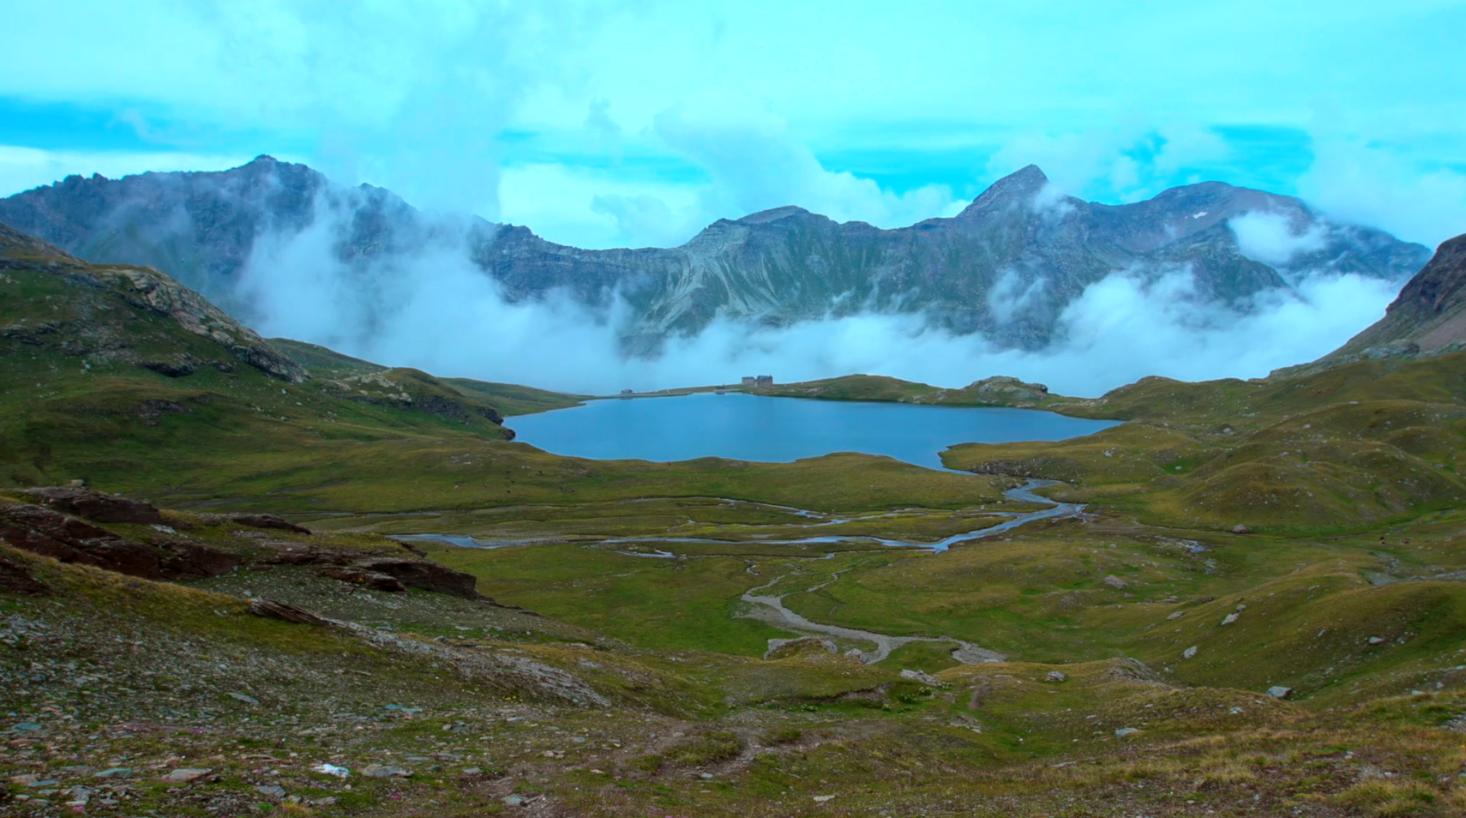 Attorno al Forte di Bard: alla scoperta della Bassa Valle d'Aosta